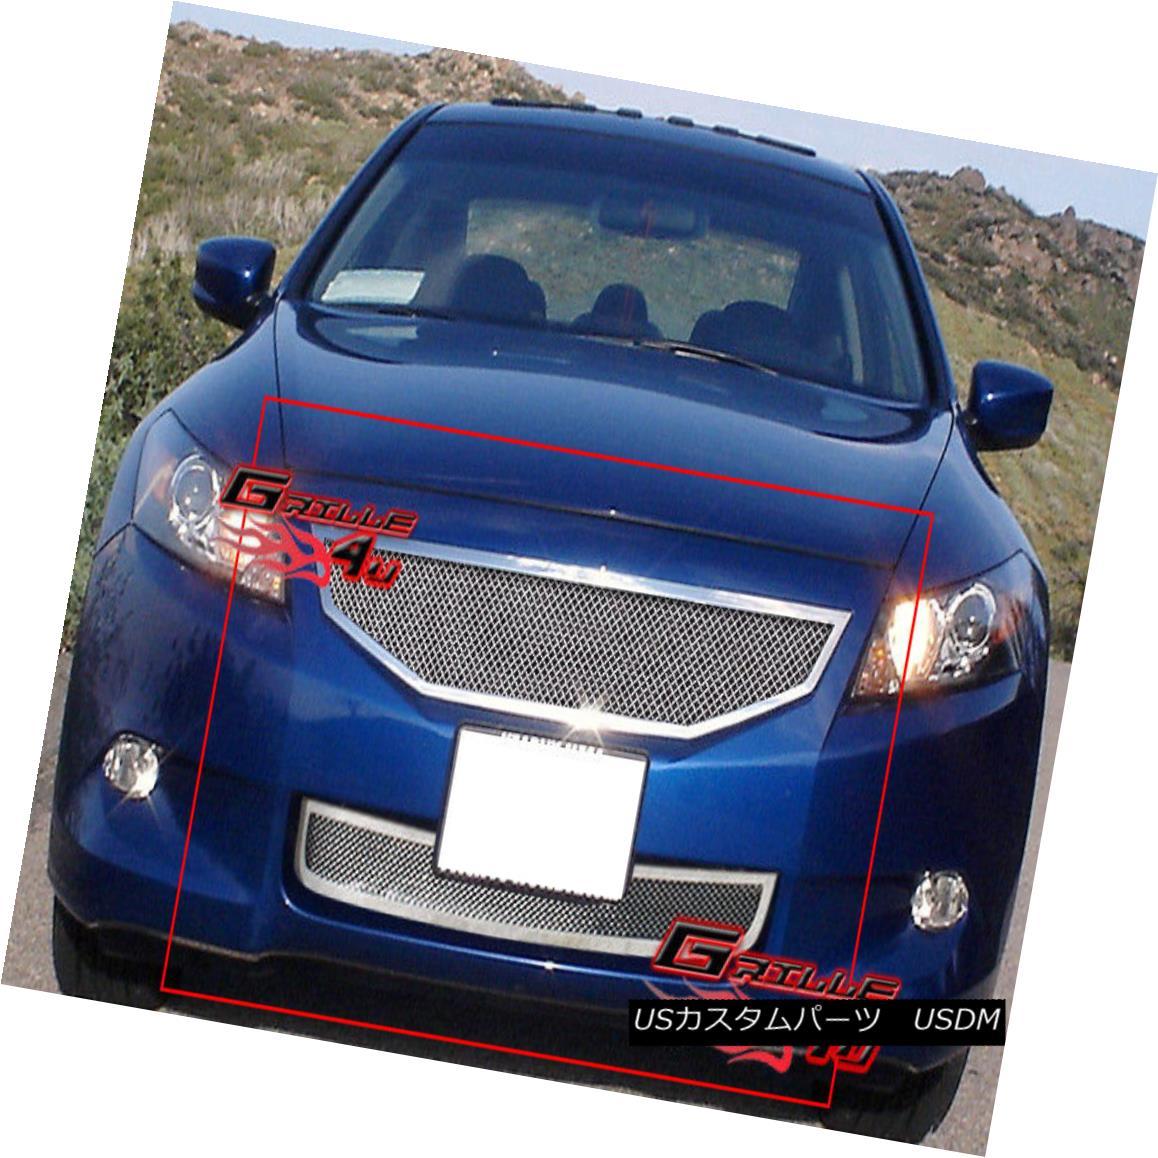 グリル Fits 2008-2010 Honda Accord Coupe Stainless Mesh Grille Combo Fond 2008-2010 Honda Accord Coupeステンレスメッシュグリルコンボ